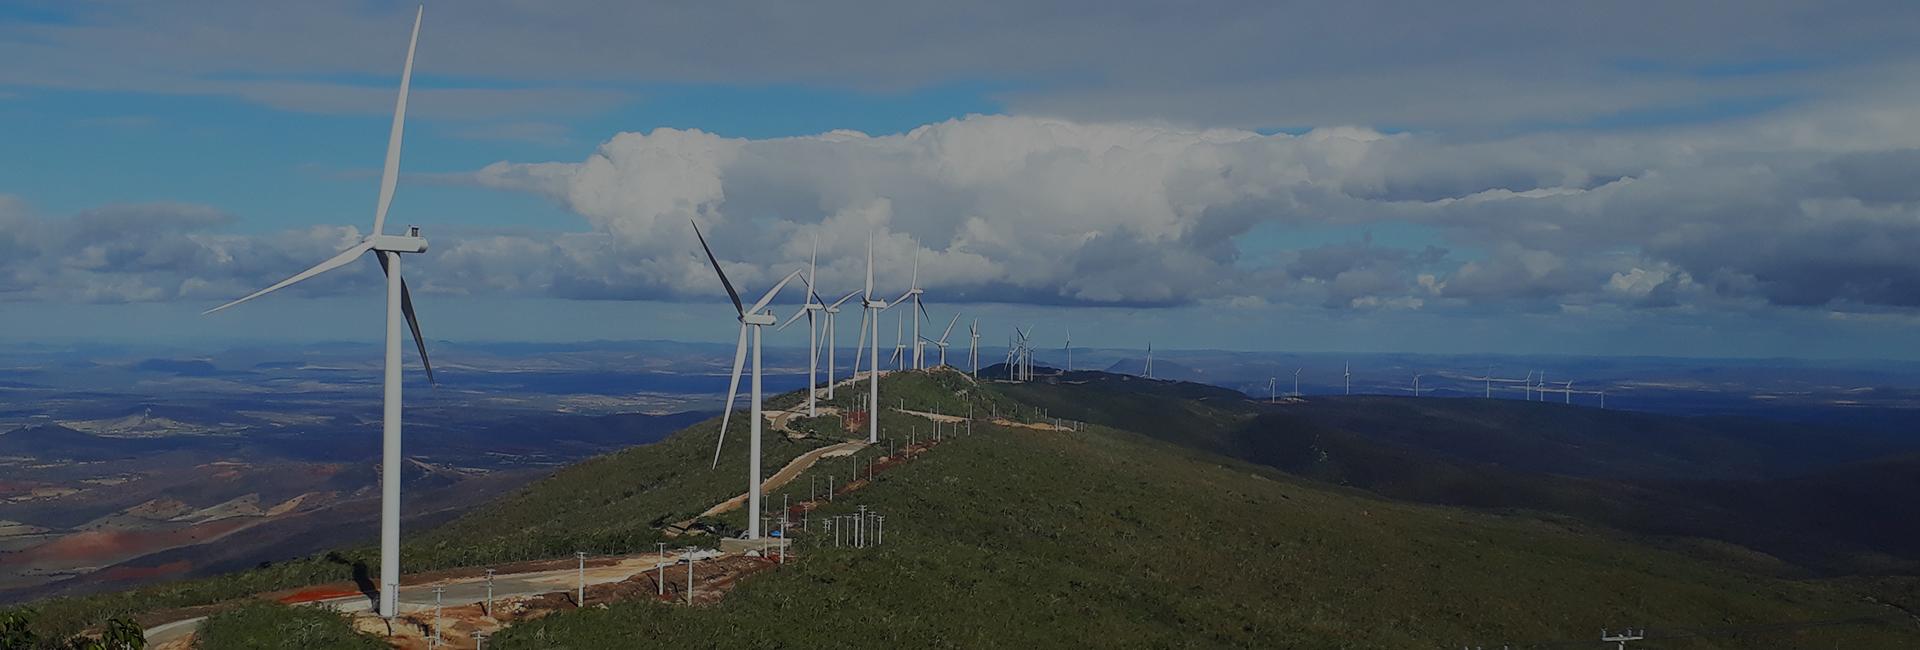 Parque Eólico de Morro do Chapéu